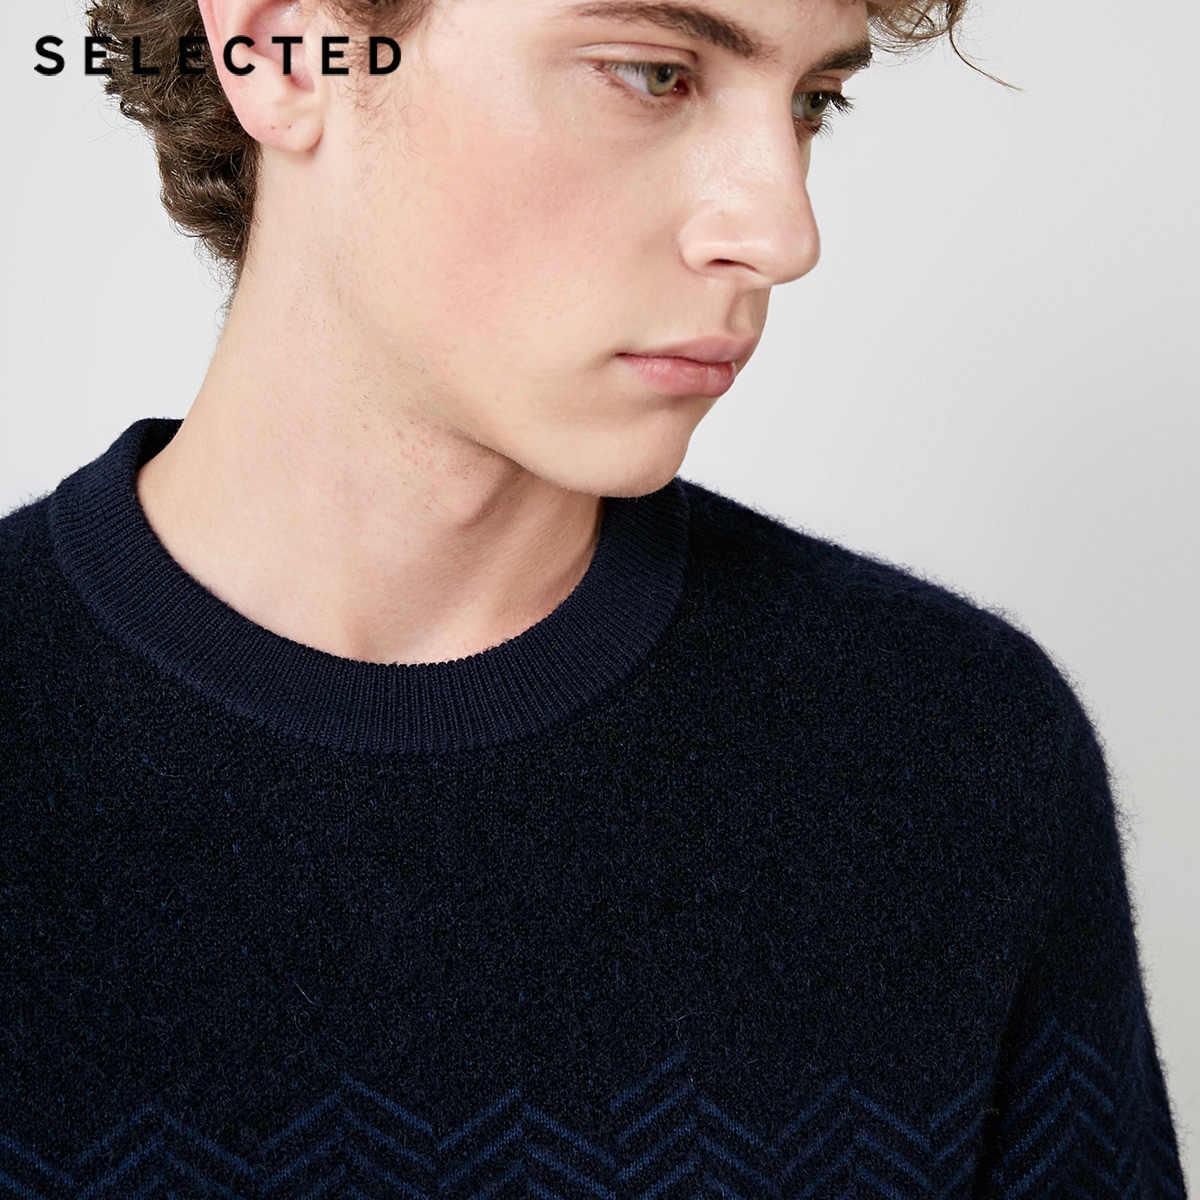 Wybrany jesienno-zimowy nowy męski wełniany wzór w jodełkę dot dzianinowy sweter S | 418425529